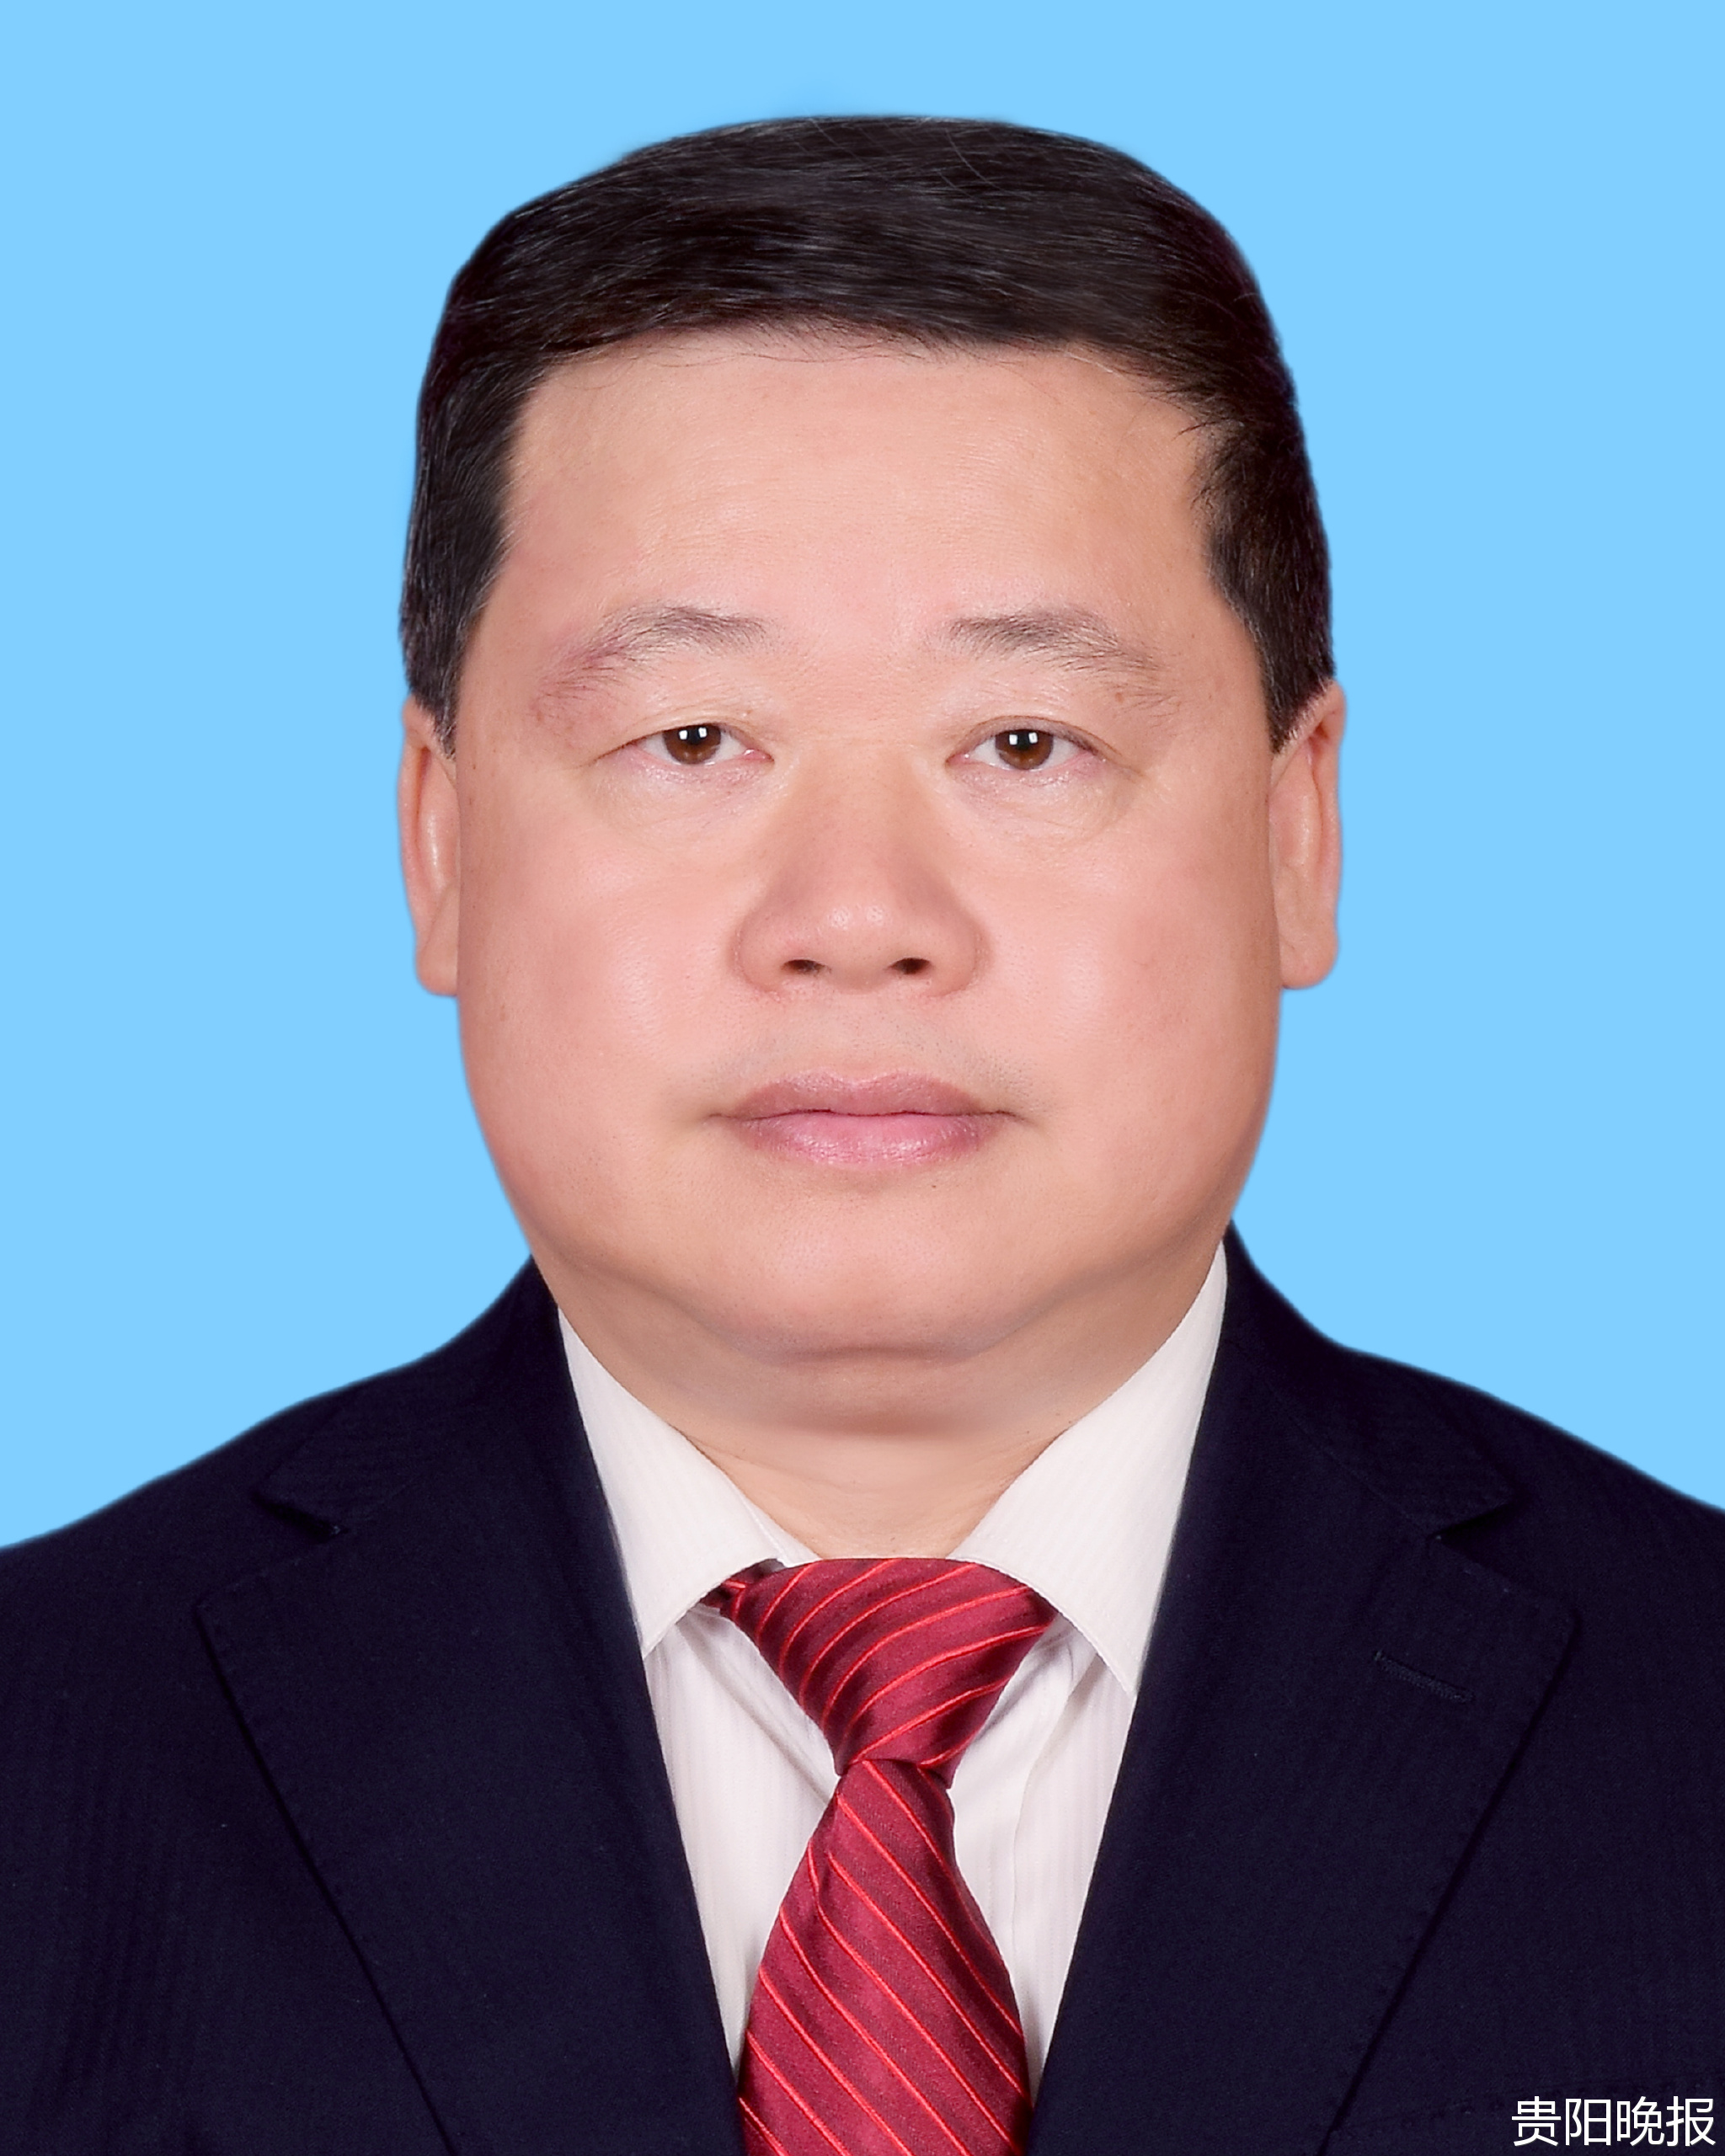 快讯 贵阳市新一届人大 政府领导班子今天选举产生图片